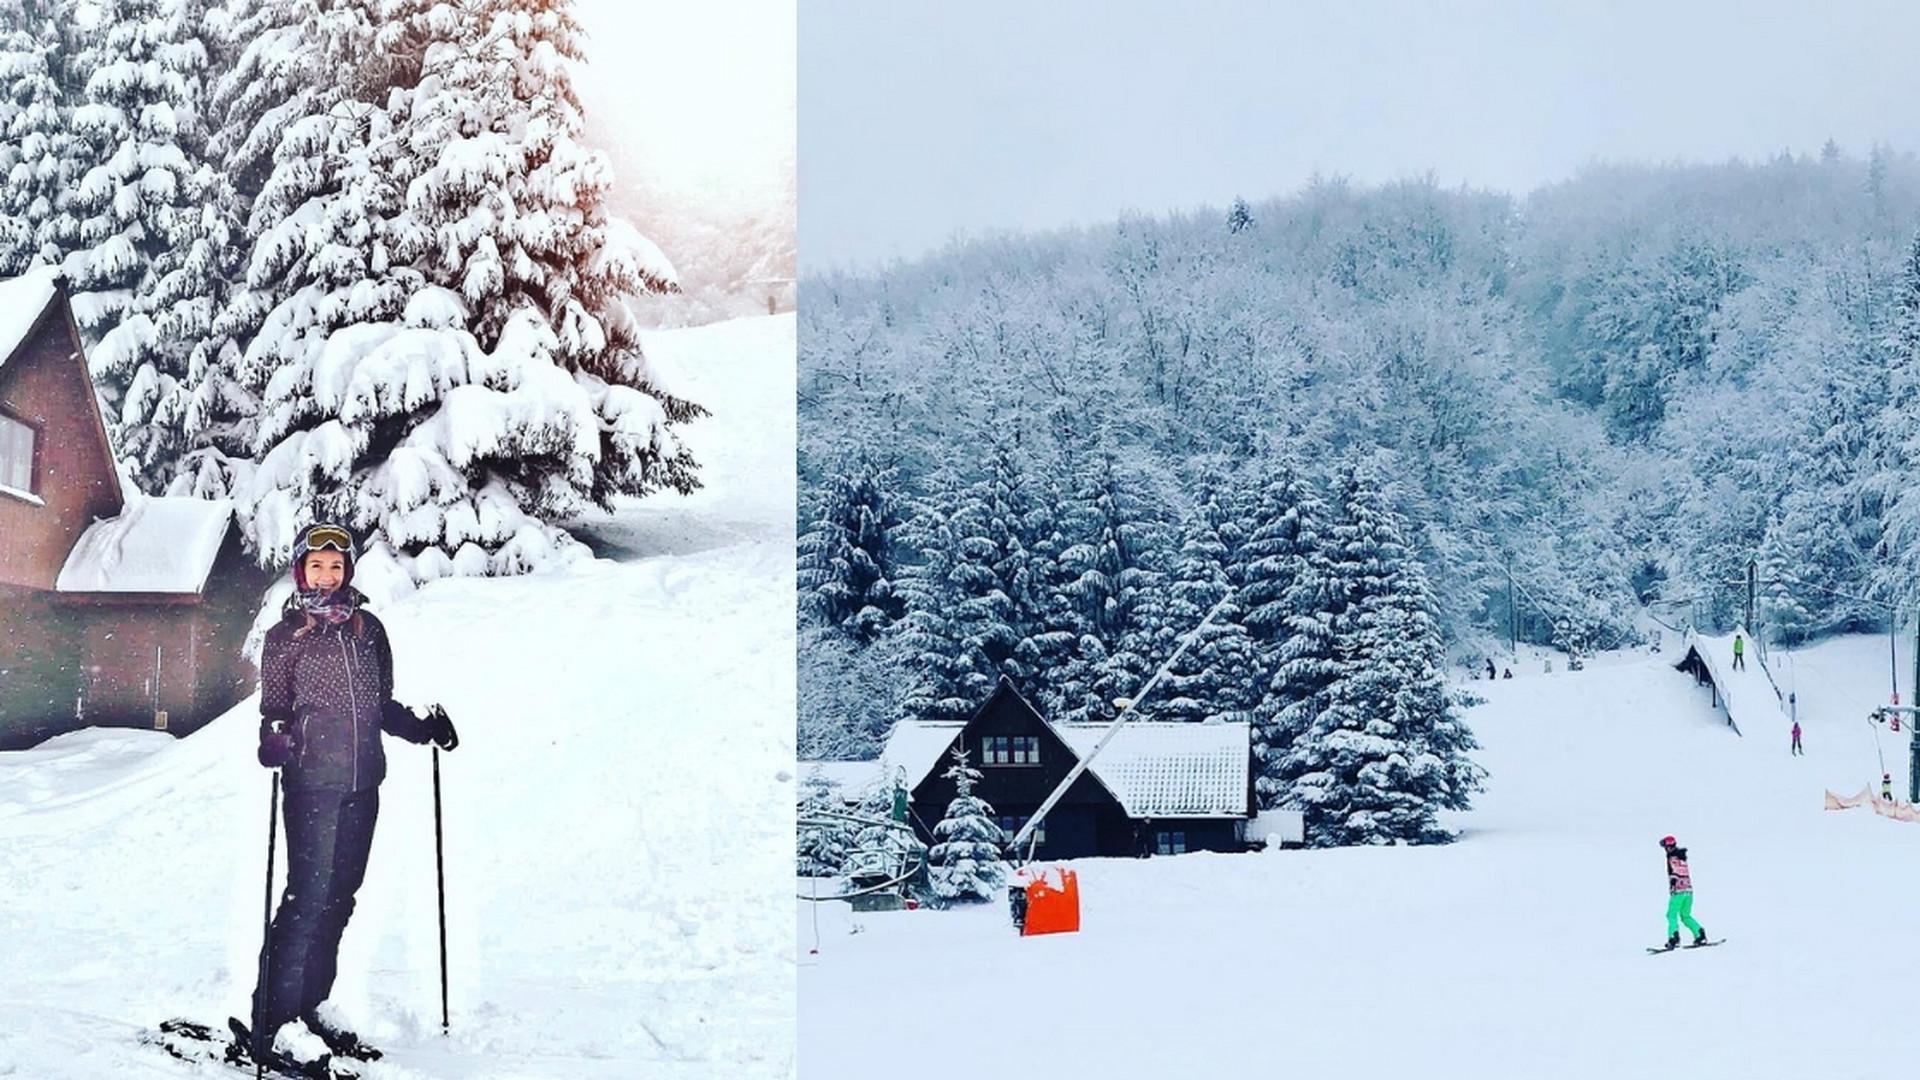 d213ef4b6 10 menších slovenských lyžiarskych stredísk, kde si zalyžuješ za menej ako  20 eur